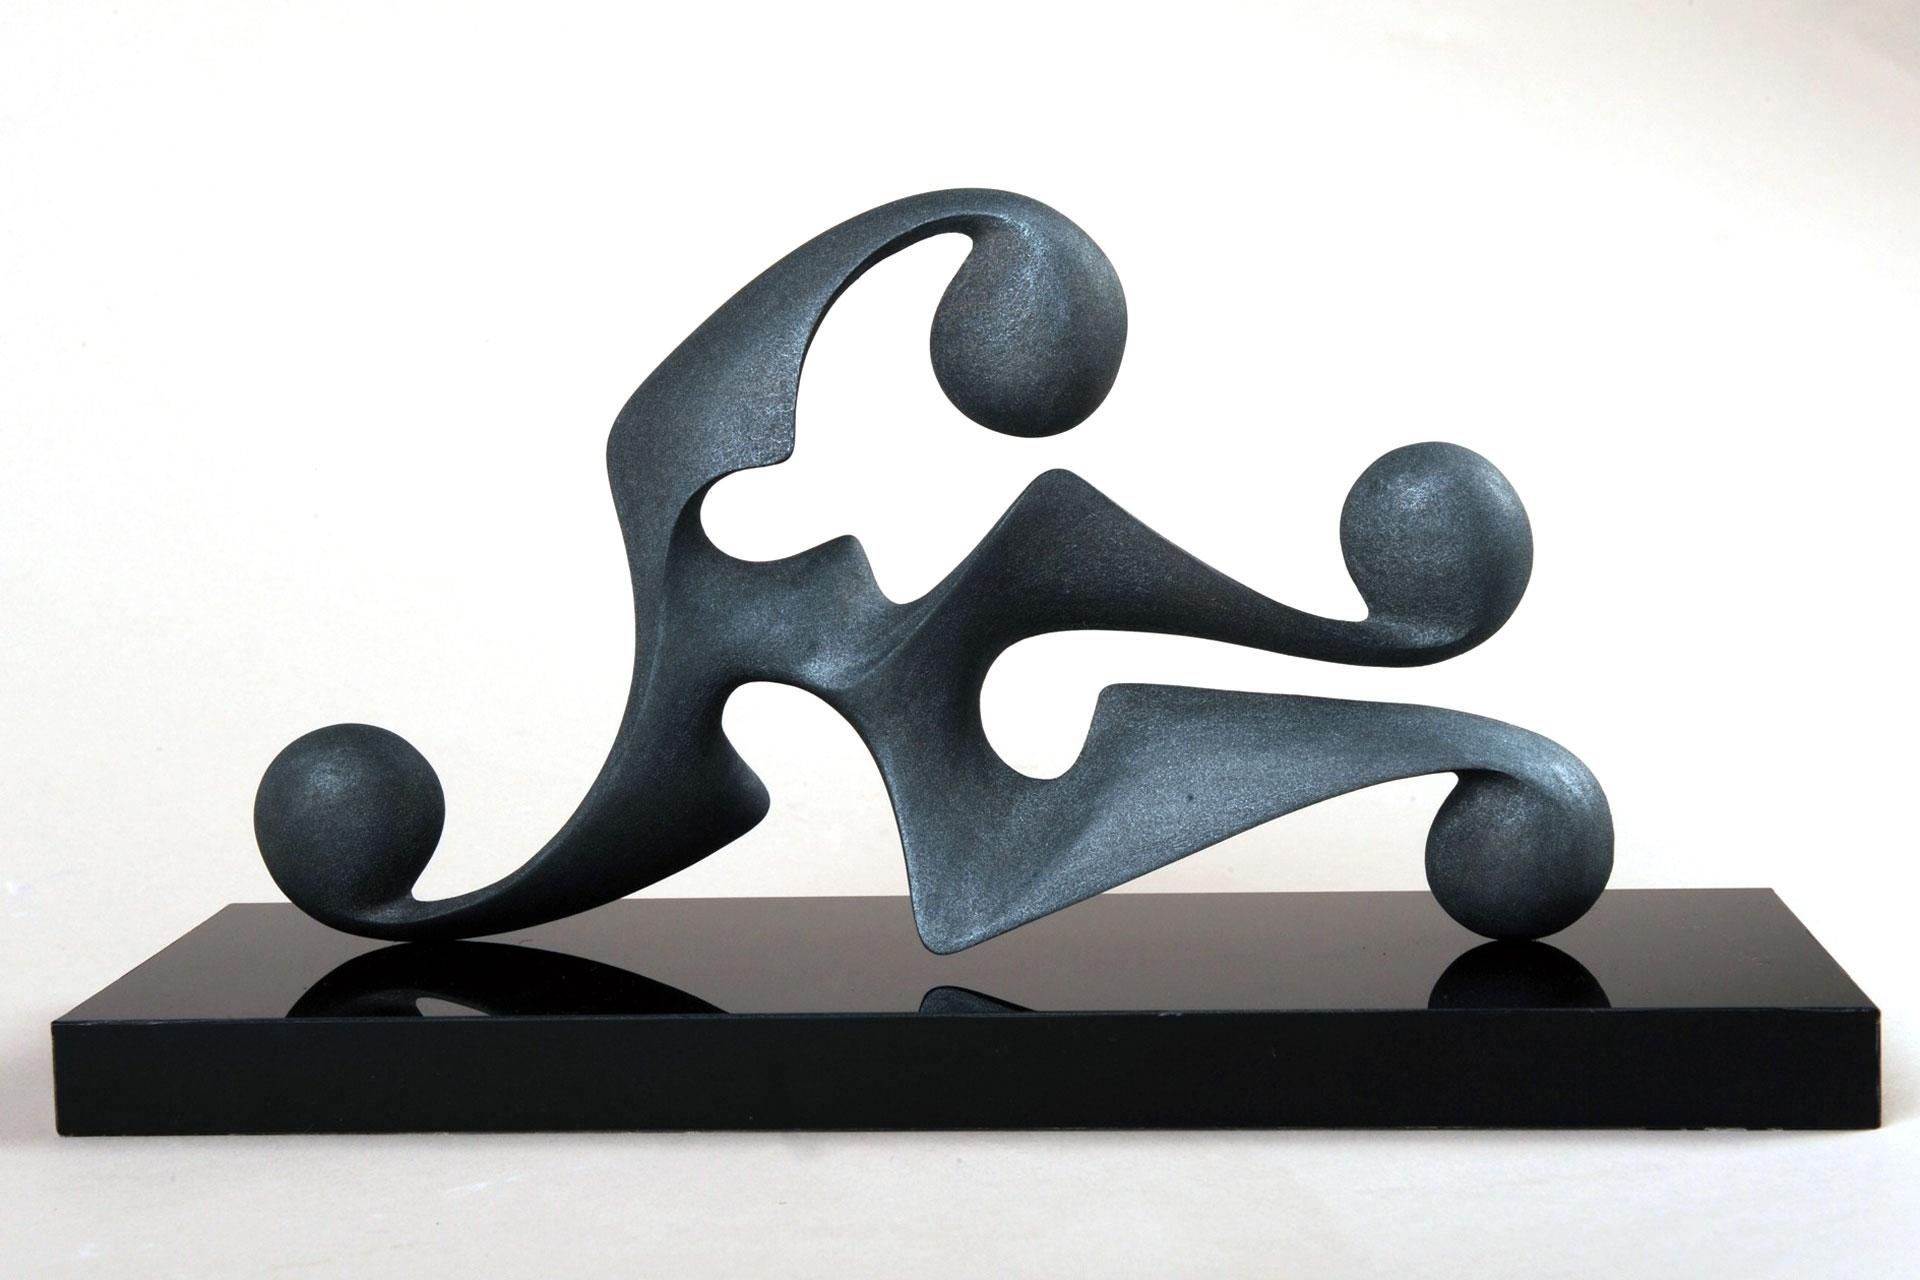 Disgiunto Ondamarina (Maquette per Elemento Plastico) , 2009 - Resina termoassemblata dipinta, cm 16x30x12